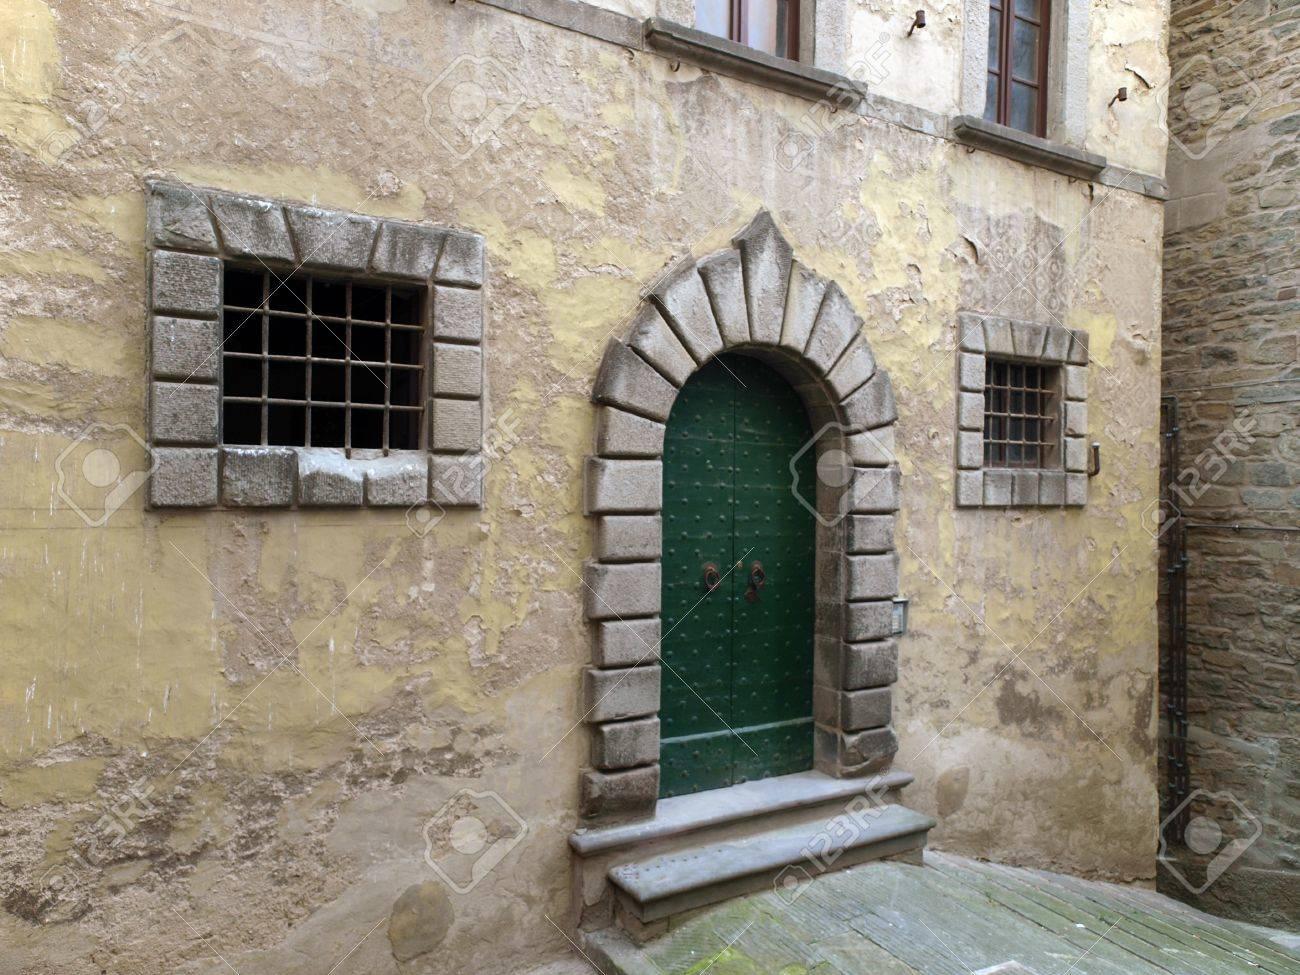 Treppen Und Turen In Das Alte Haus In Der Toskana Lizenzfreie Fotos